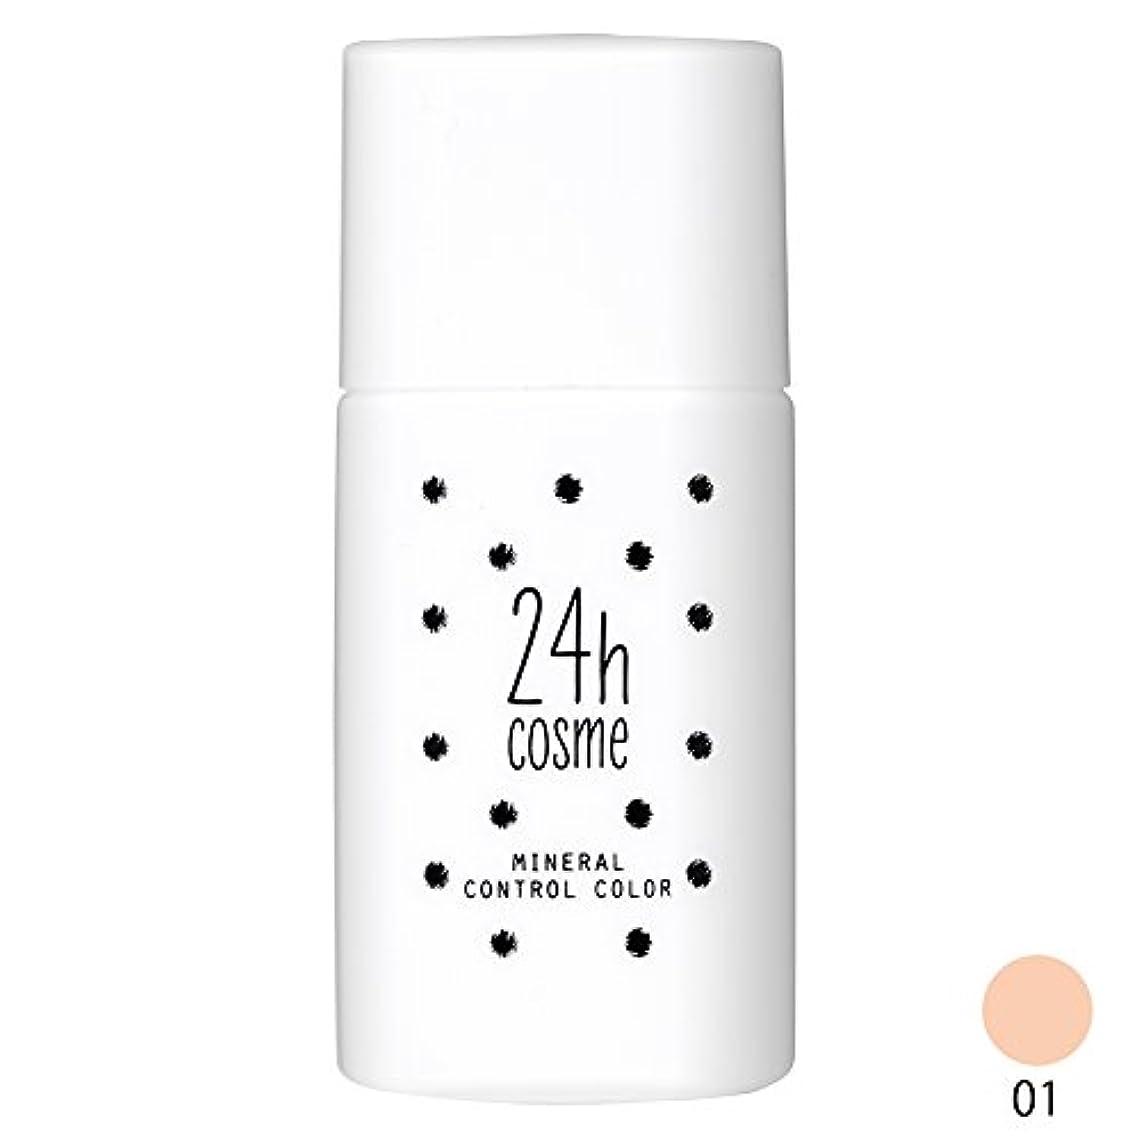 憂慮すべき特派員シャー24h cosme 24 コントロールベースカラー 01ブライトピンク 肌に優しい化粧下地 20ml